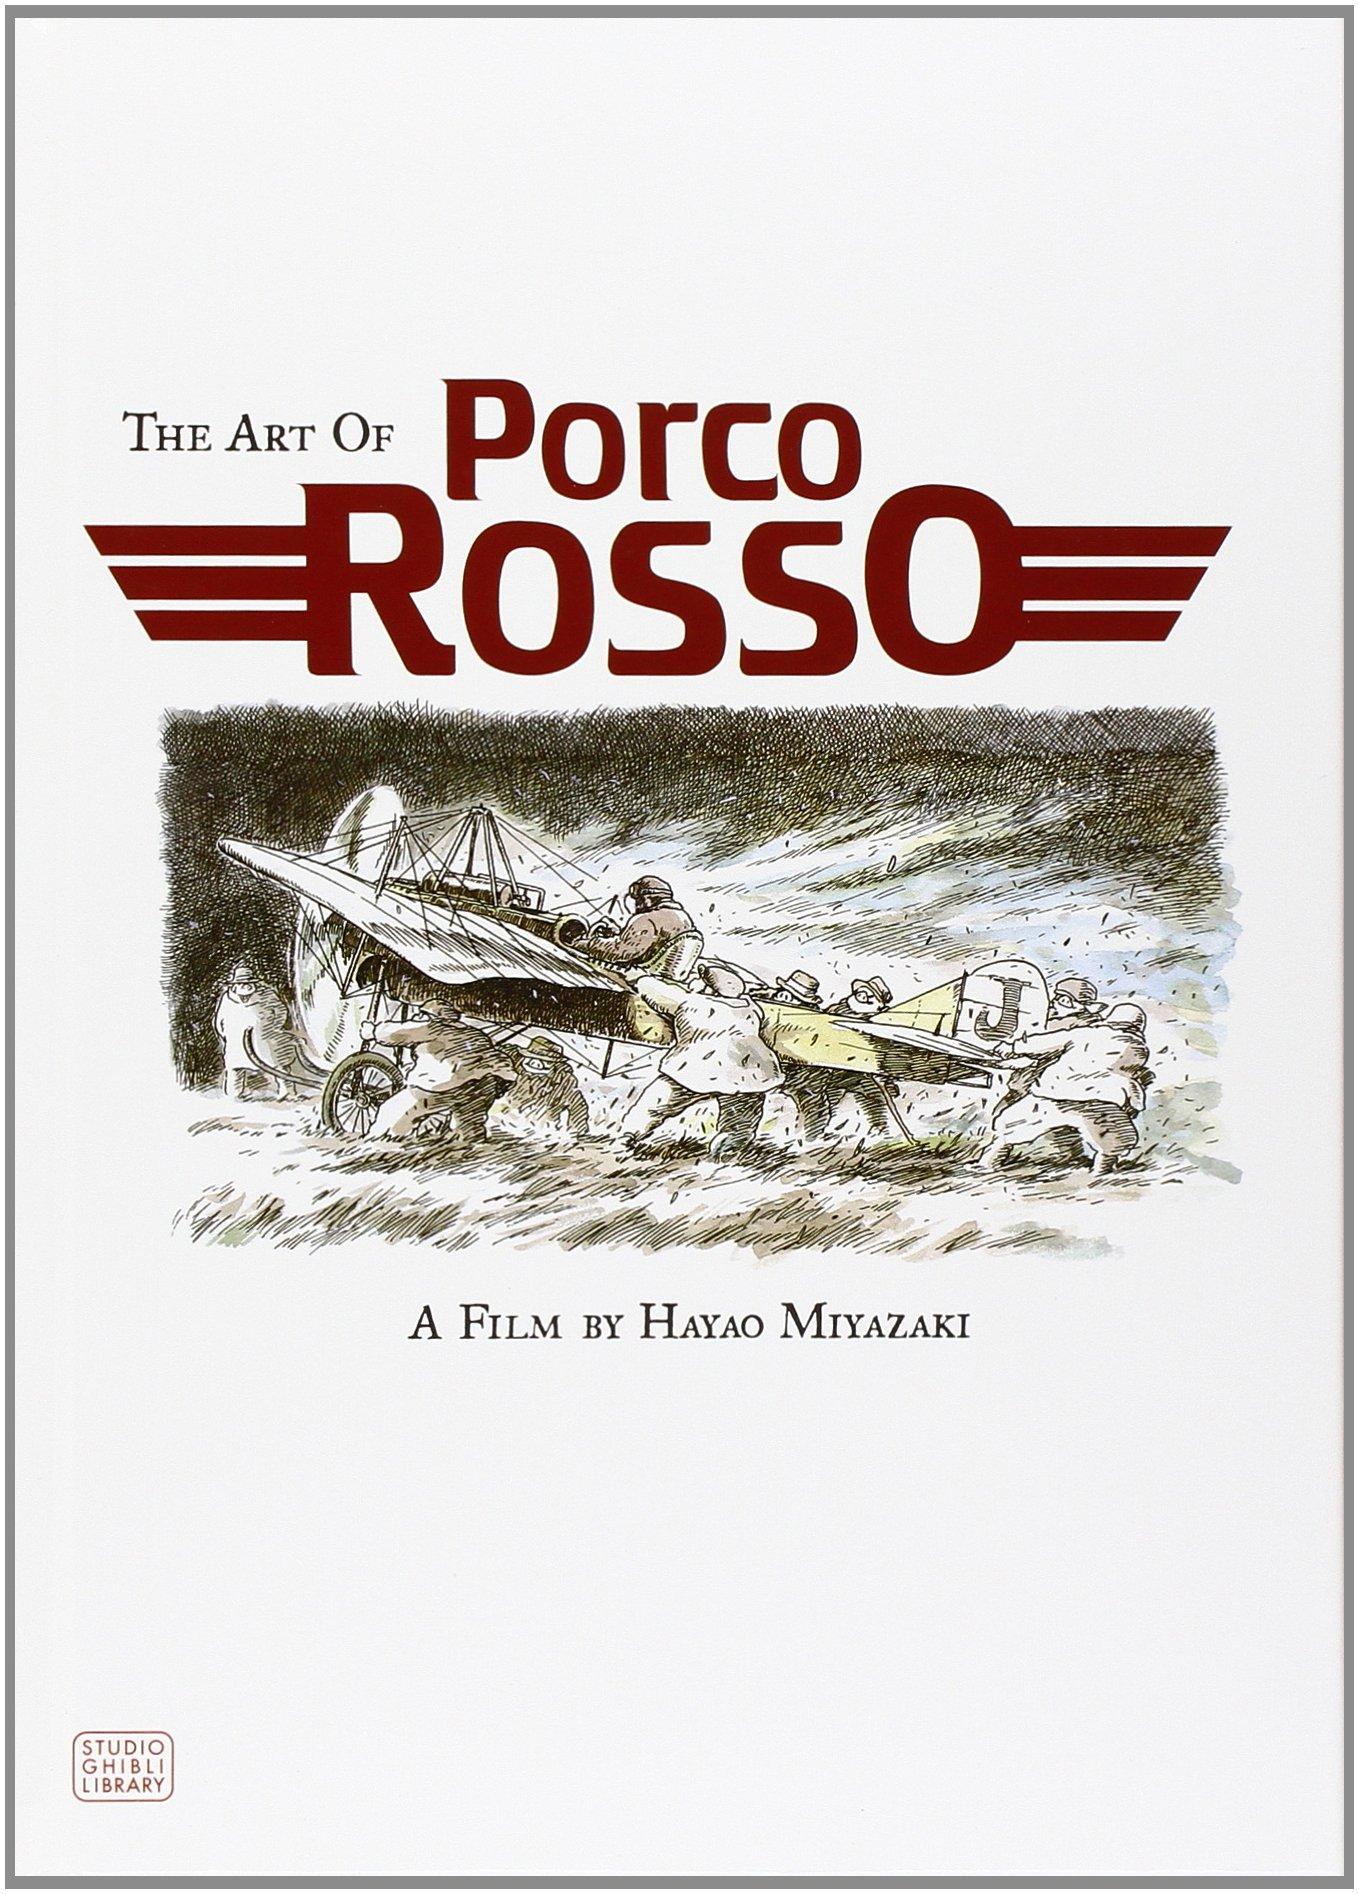 The Art of Porco Rosso